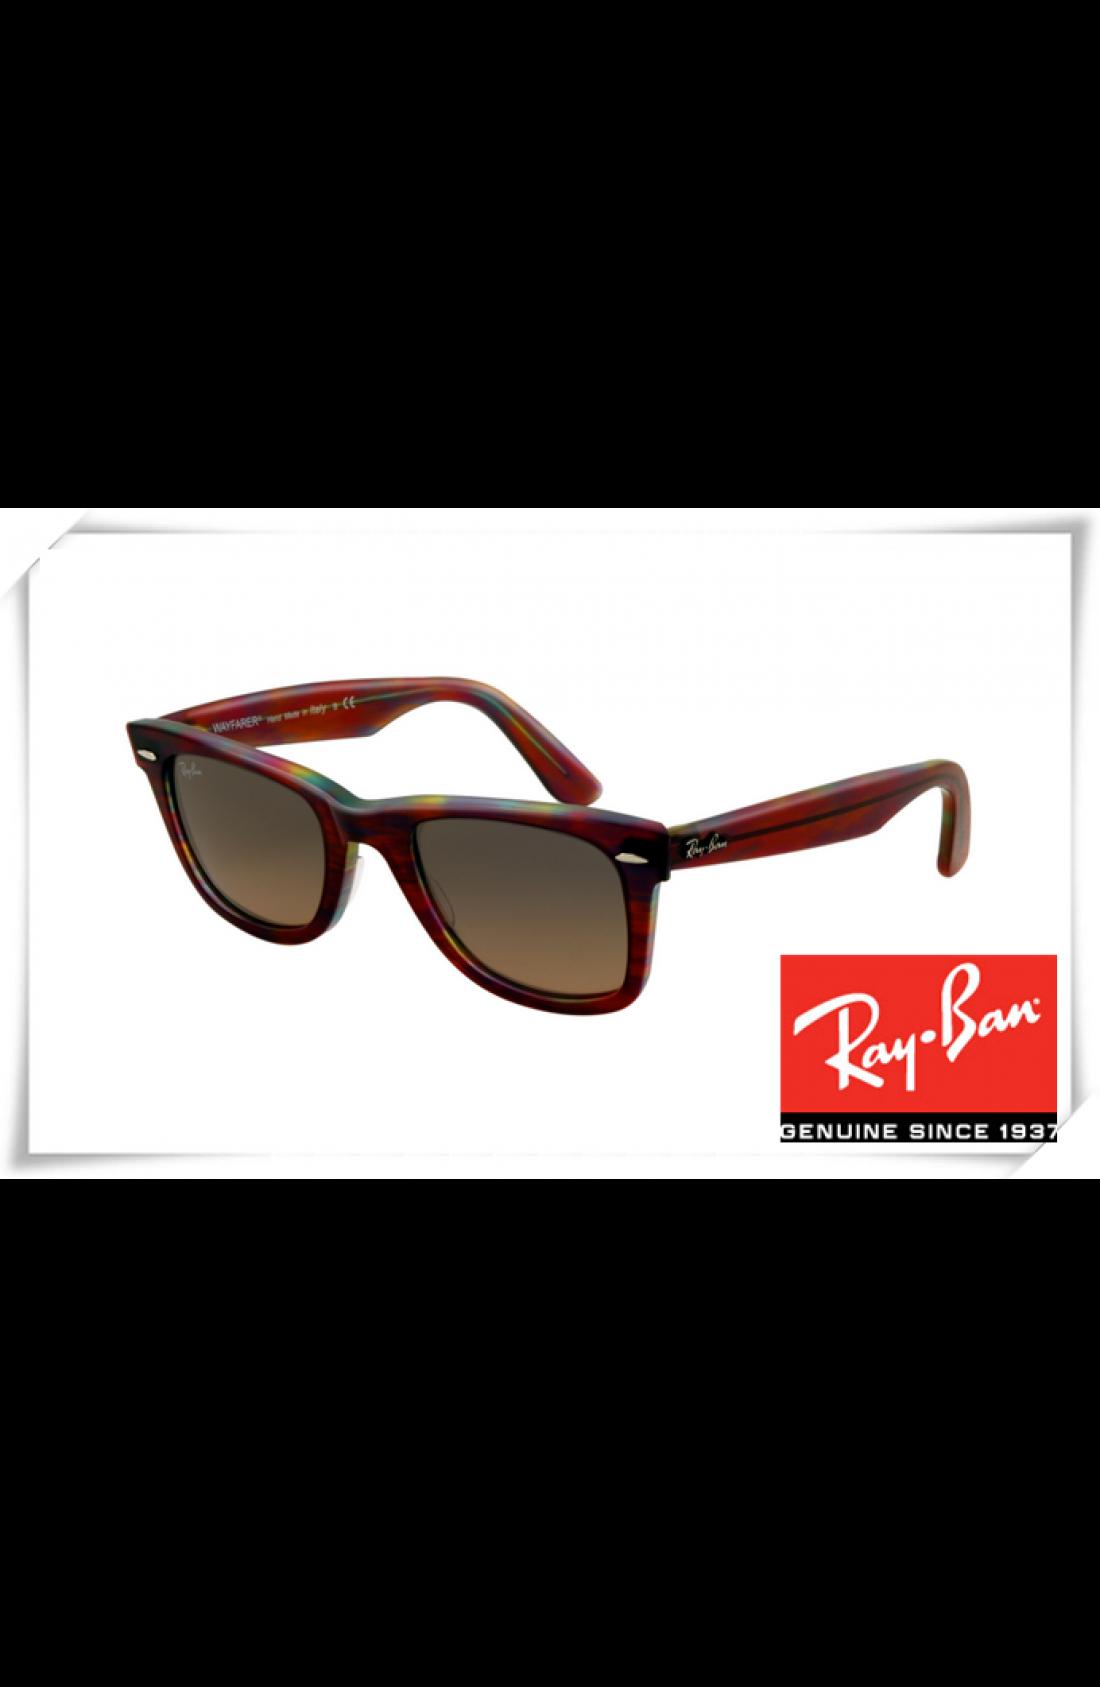 b7e8686374903 Replica Ray Ban RB2140 Original Wayfarer Sunglasses Brown Frame Grey ...